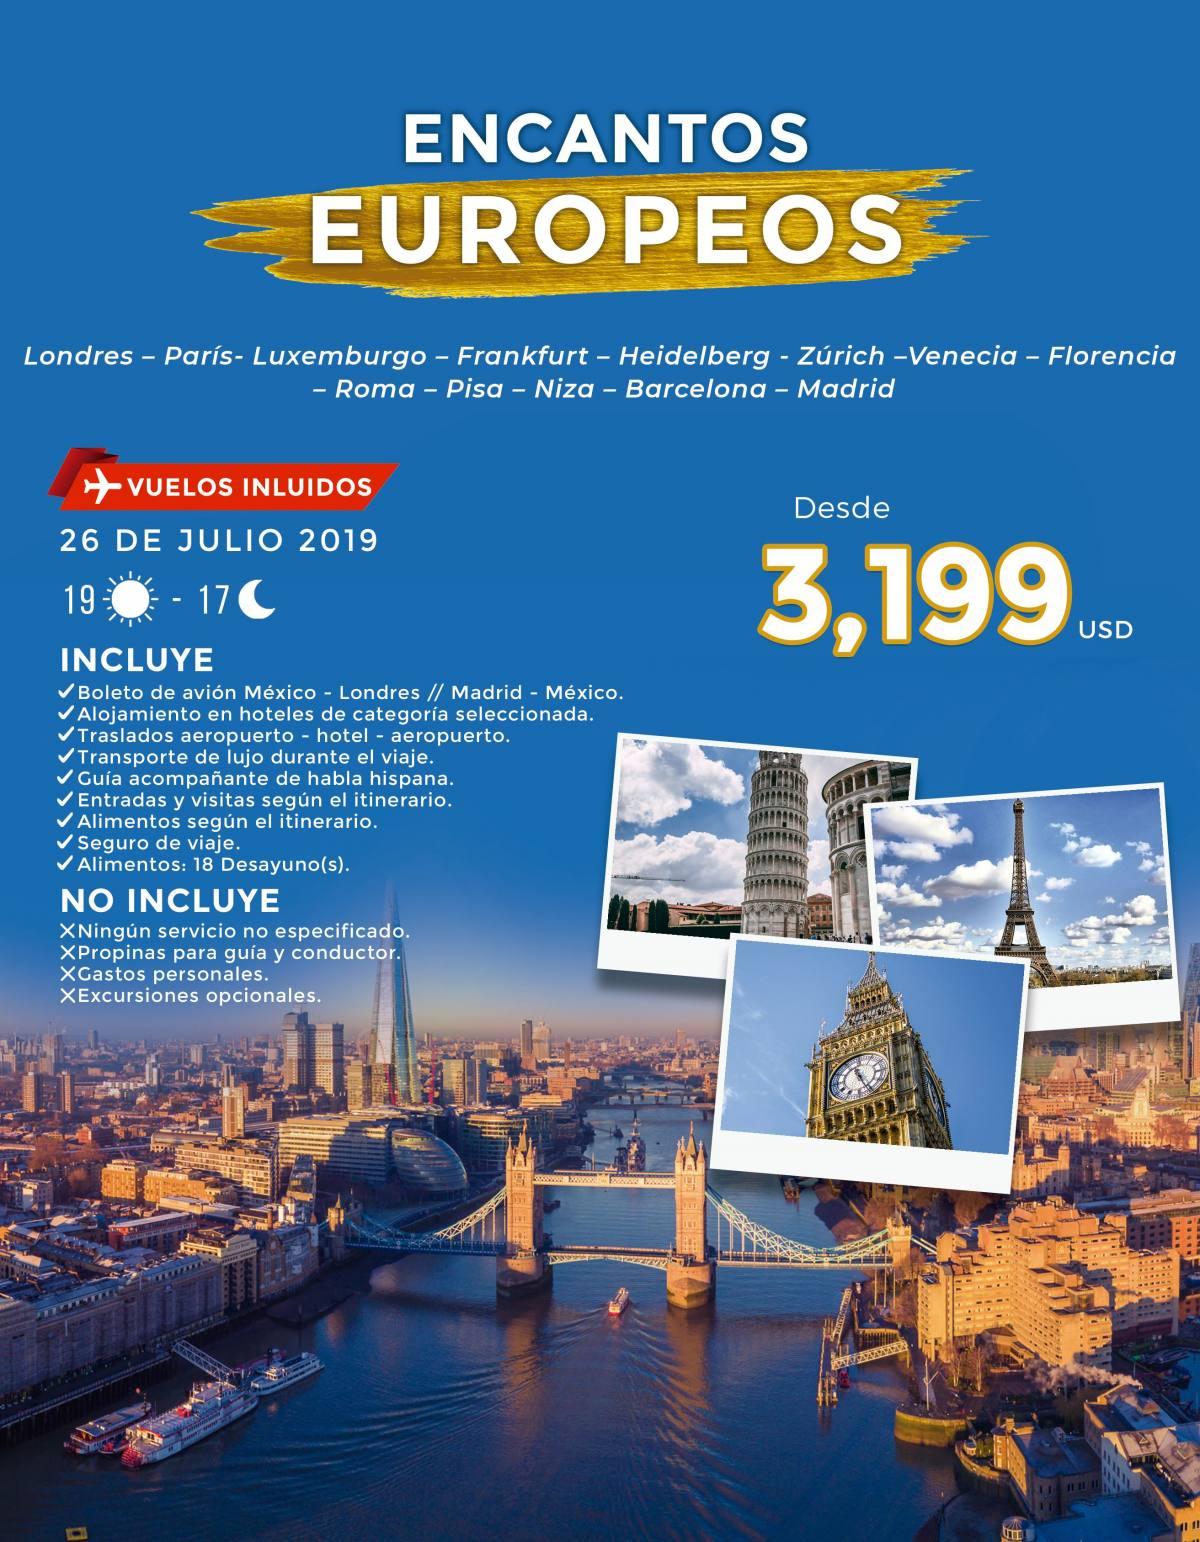 Tour Encantos Europeos 19 Días Todo Incluido 3,199 USD